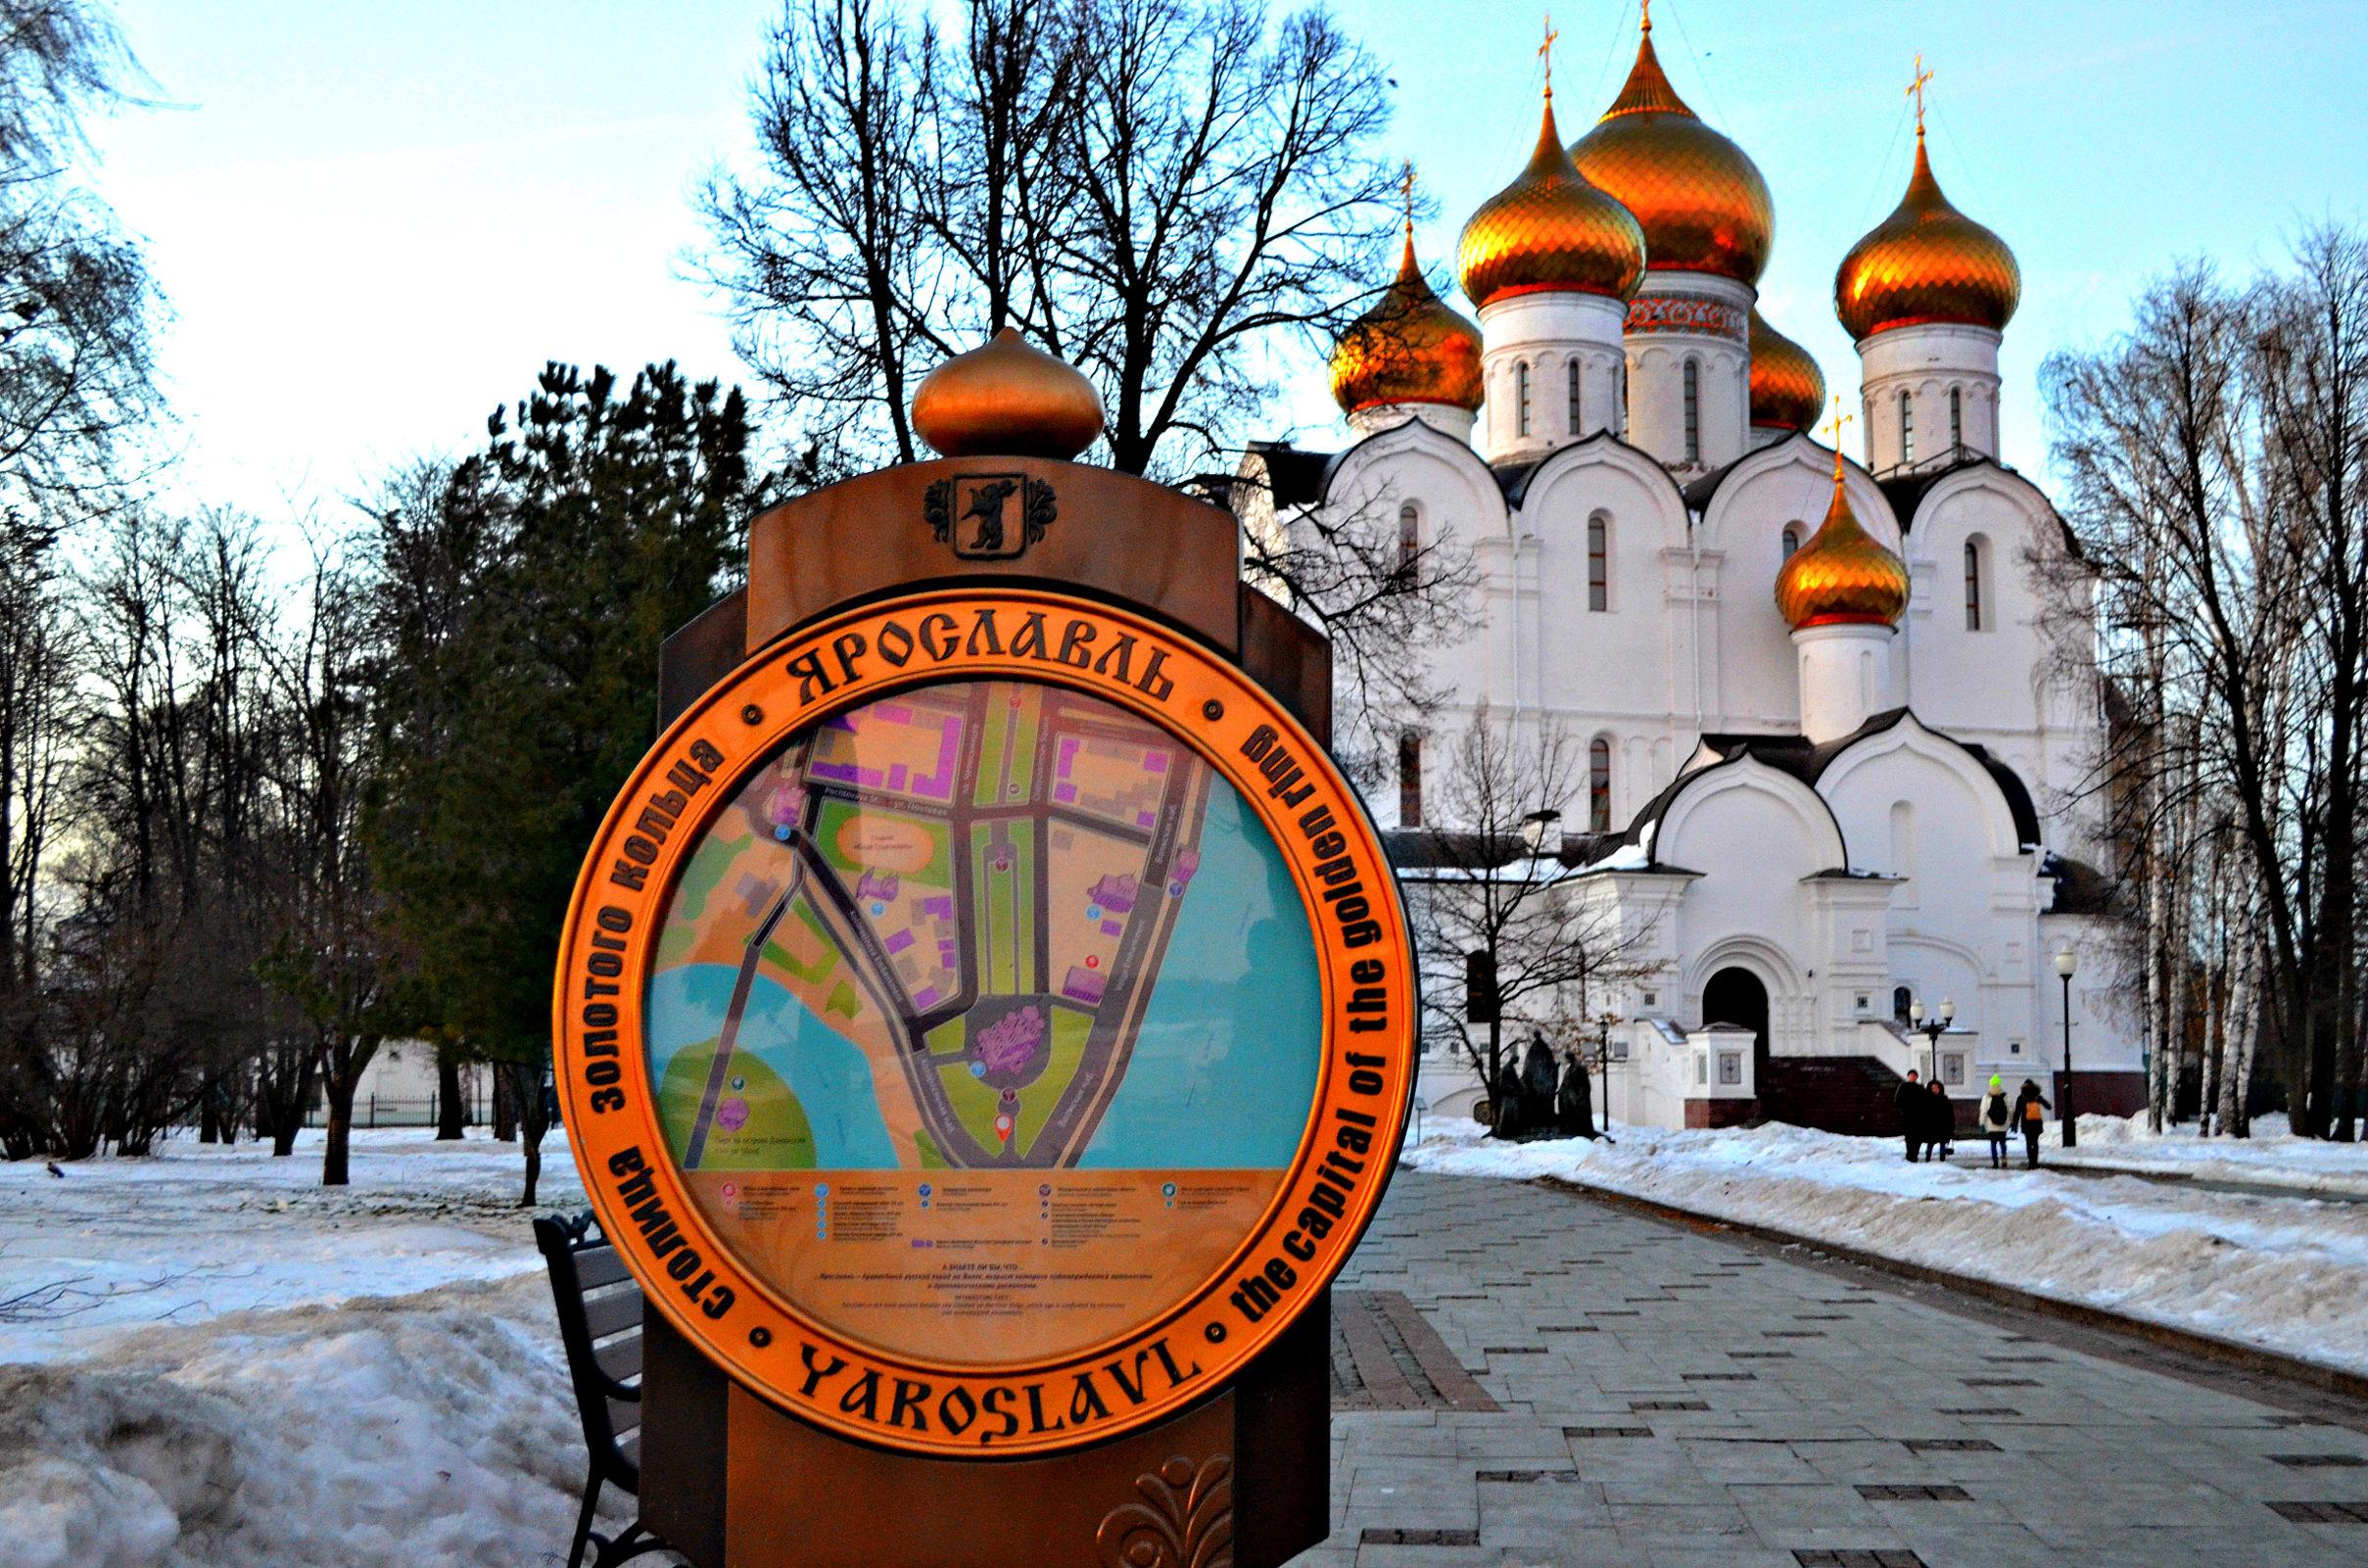 Город меняется, и только в лучшую сторону: Ярославль стал лидером роста по всем критериям